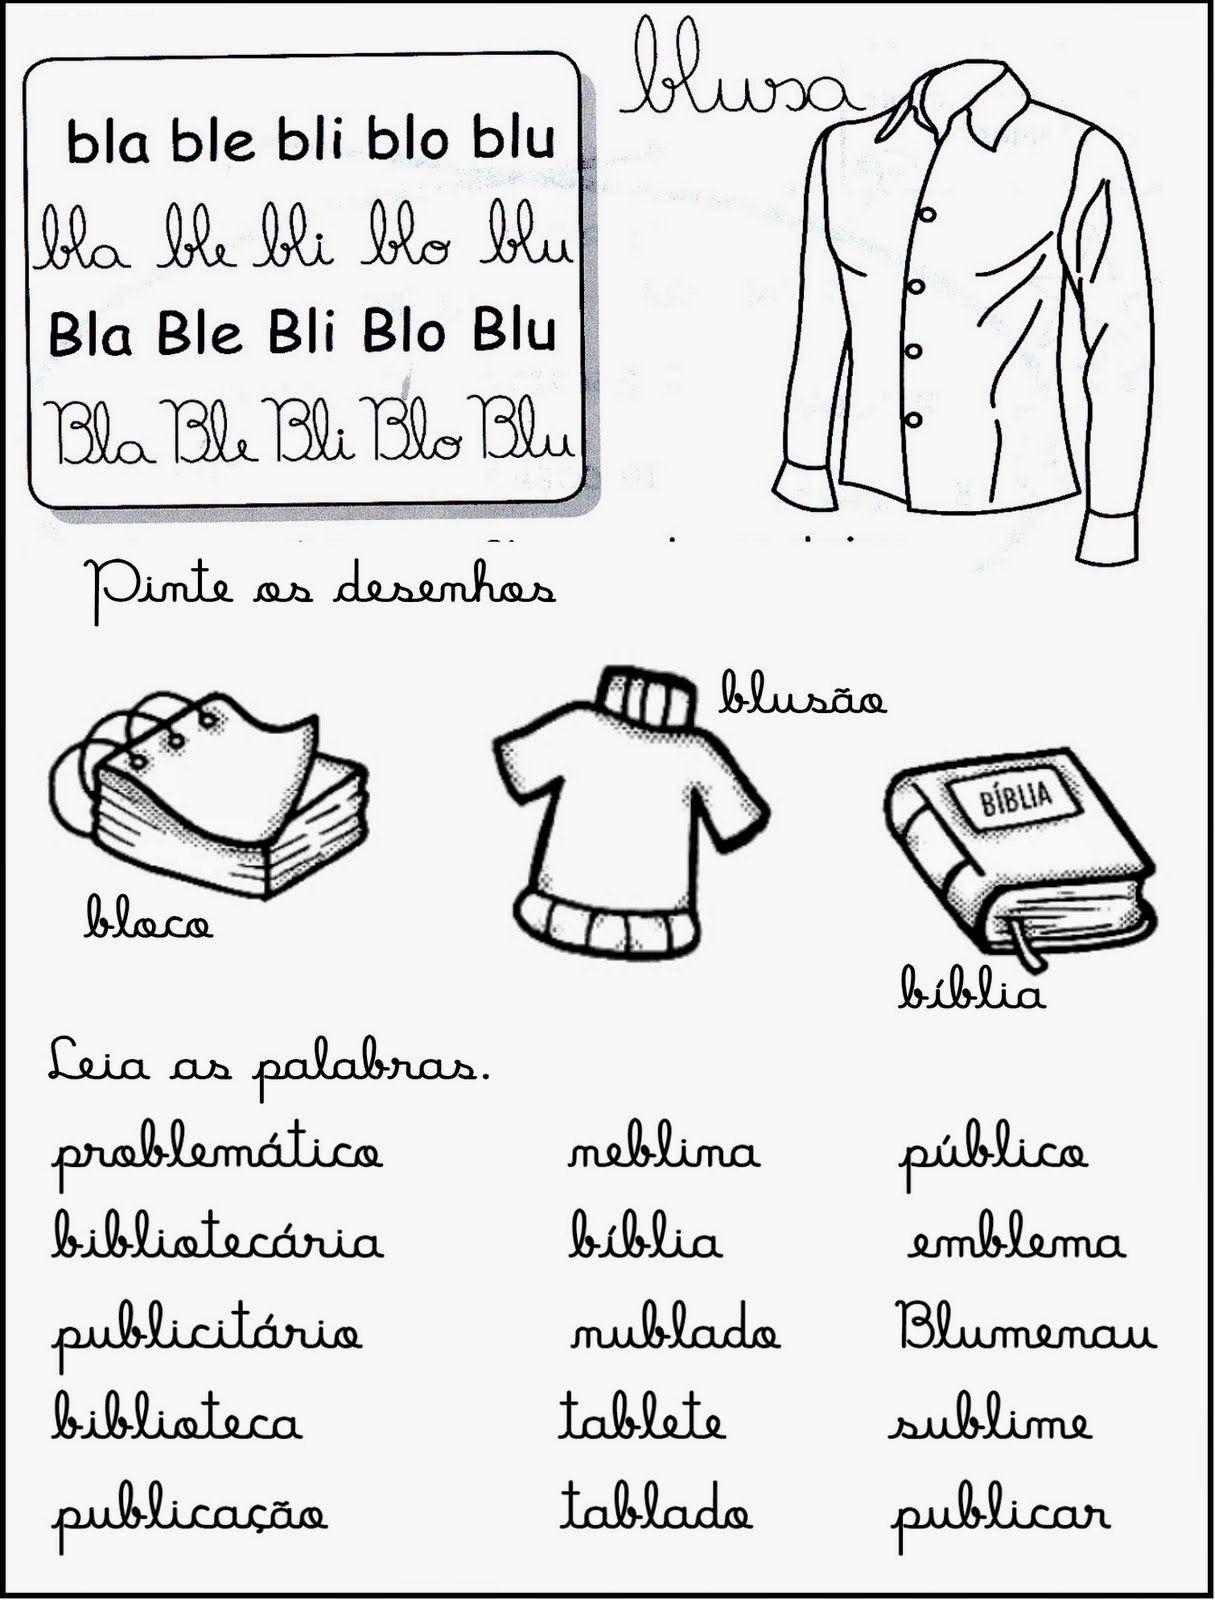 Praticando As Palavras Com Silabas Complexas Silabas Complexas